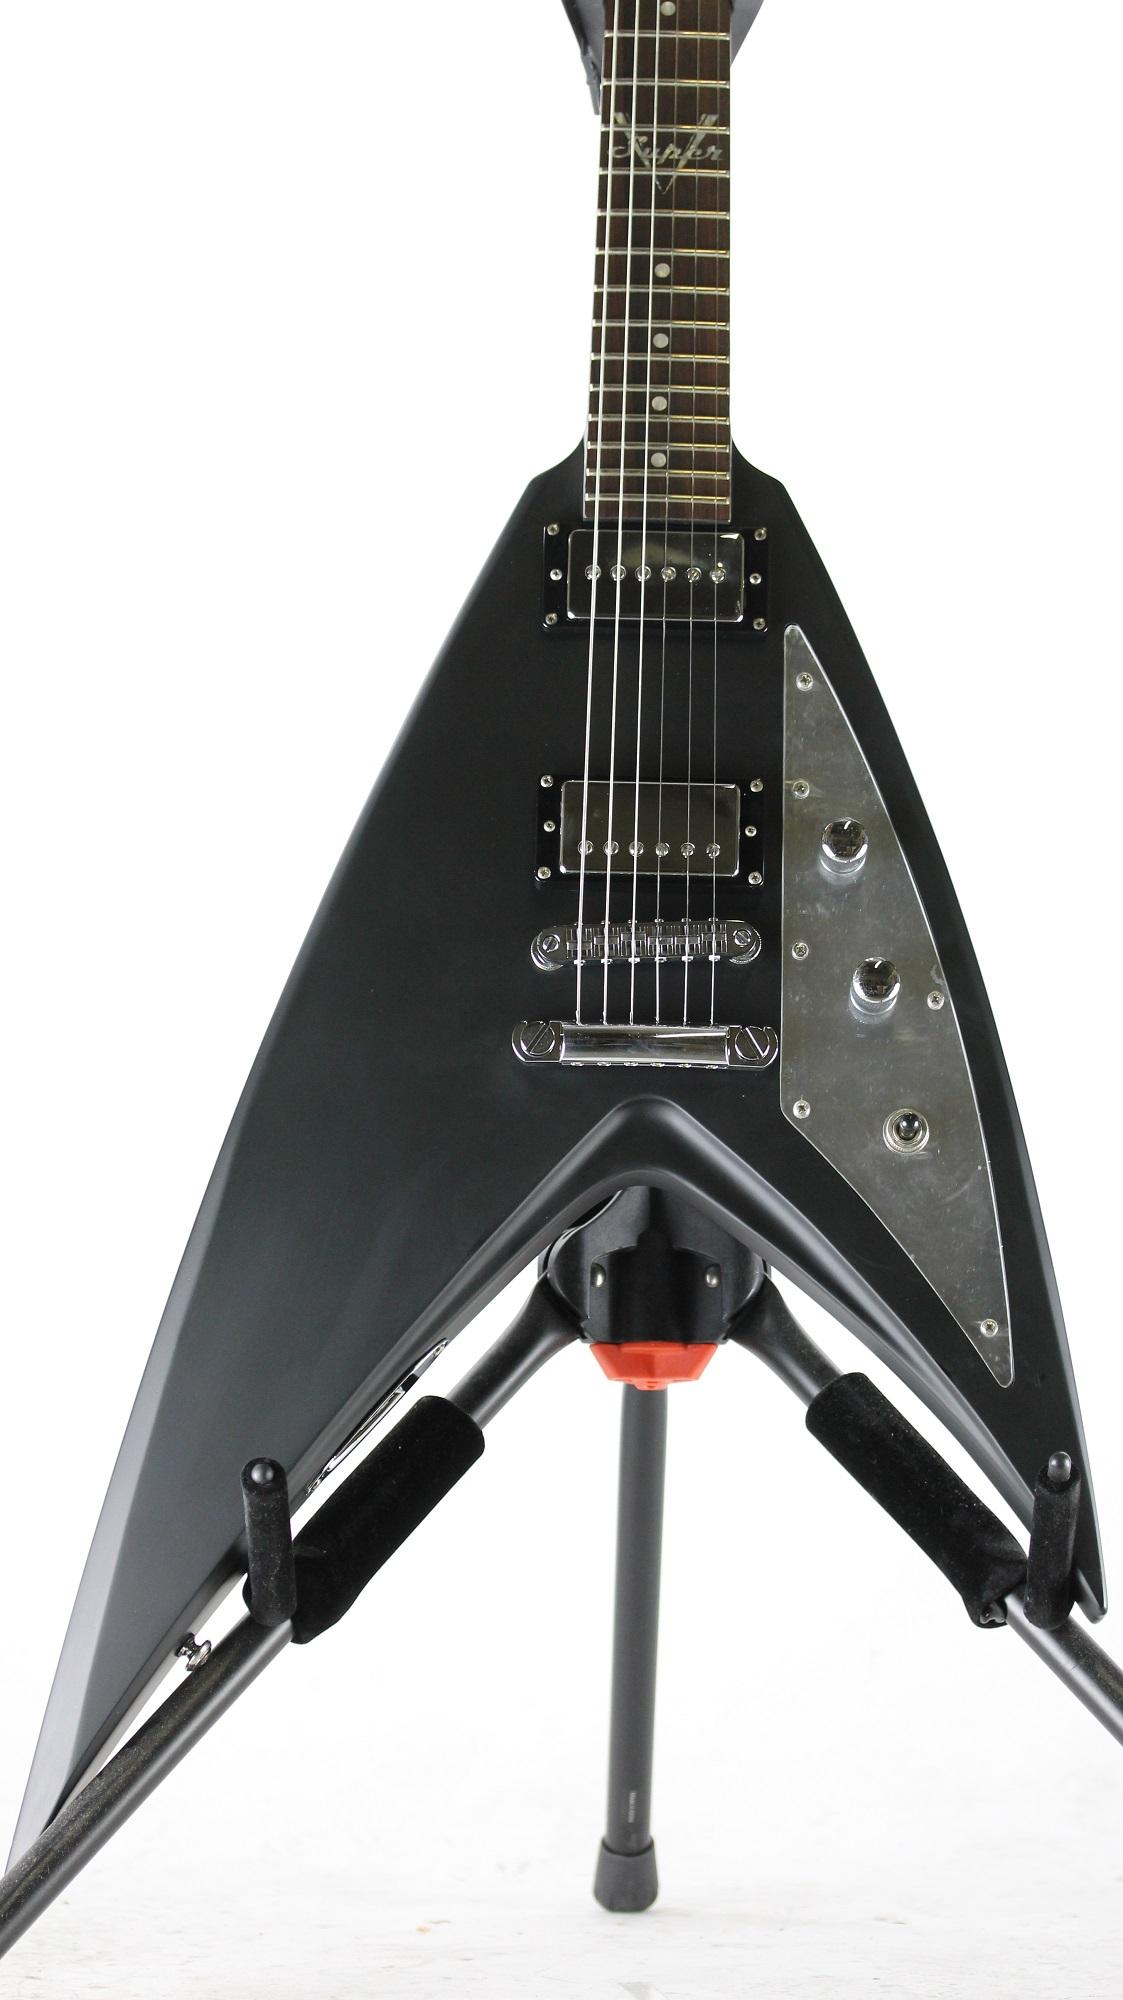 esp ltd george lynch super v gl 600v 2006 electric guitar nos korea w case ebay. Black Bedroom Furniture Sets. Home Design Ideas